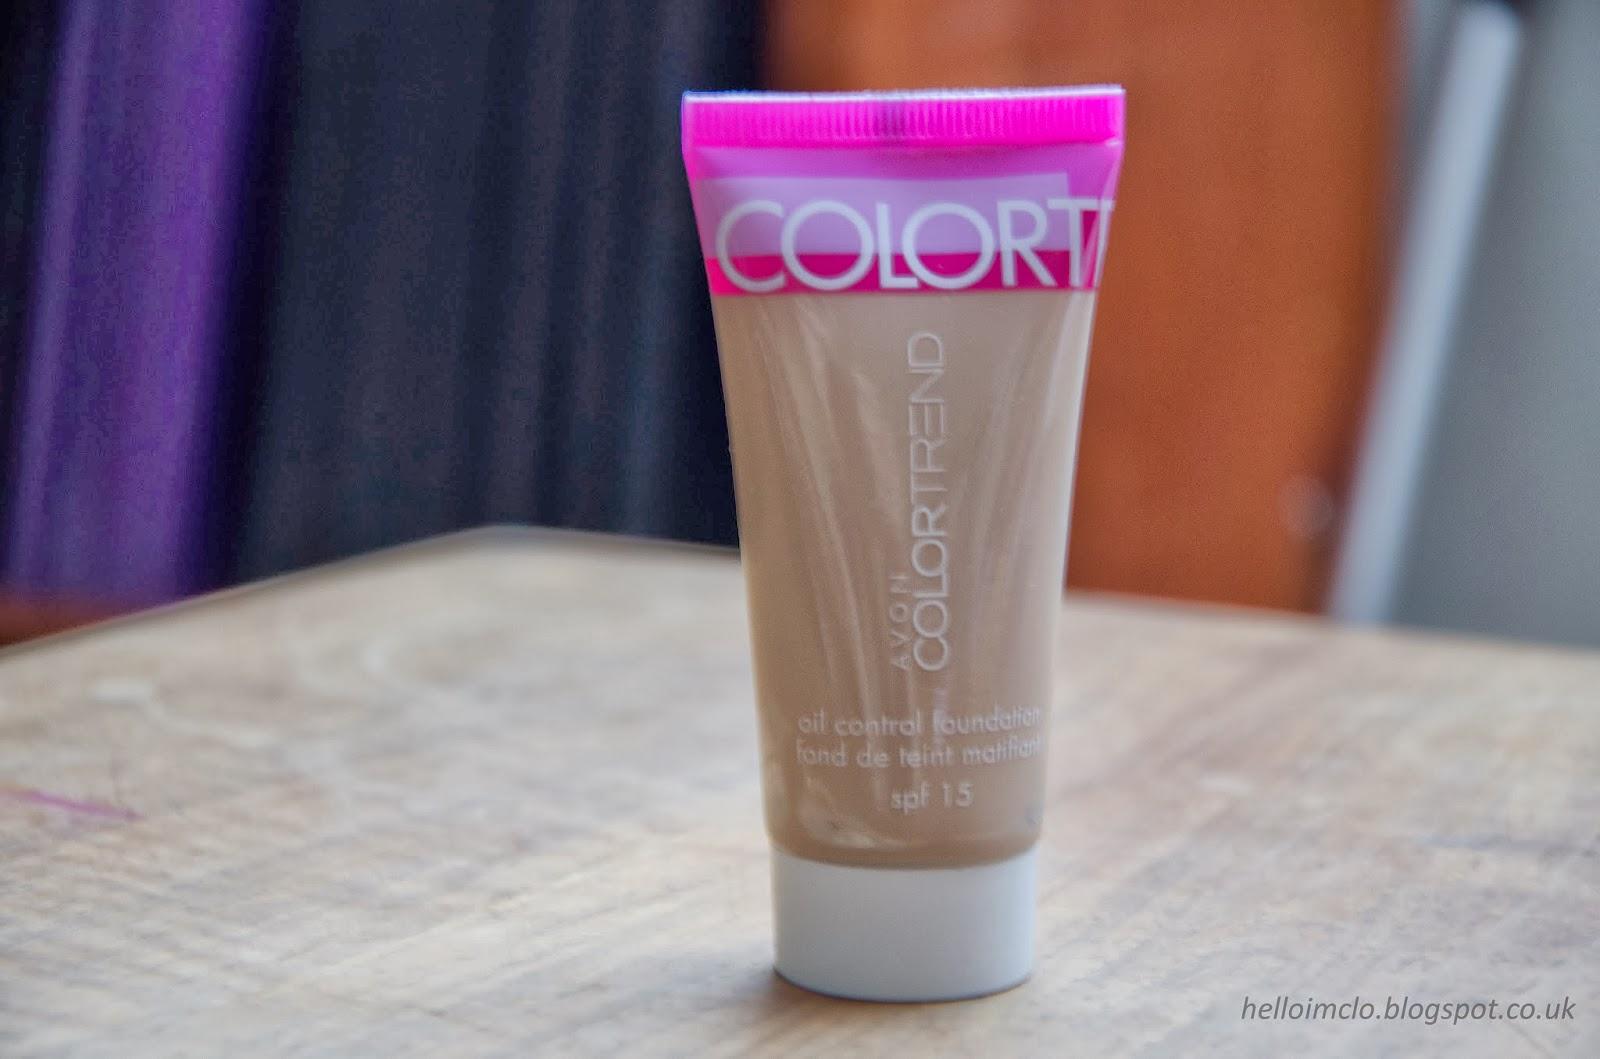 Колор тренд основа под макияж отзывы